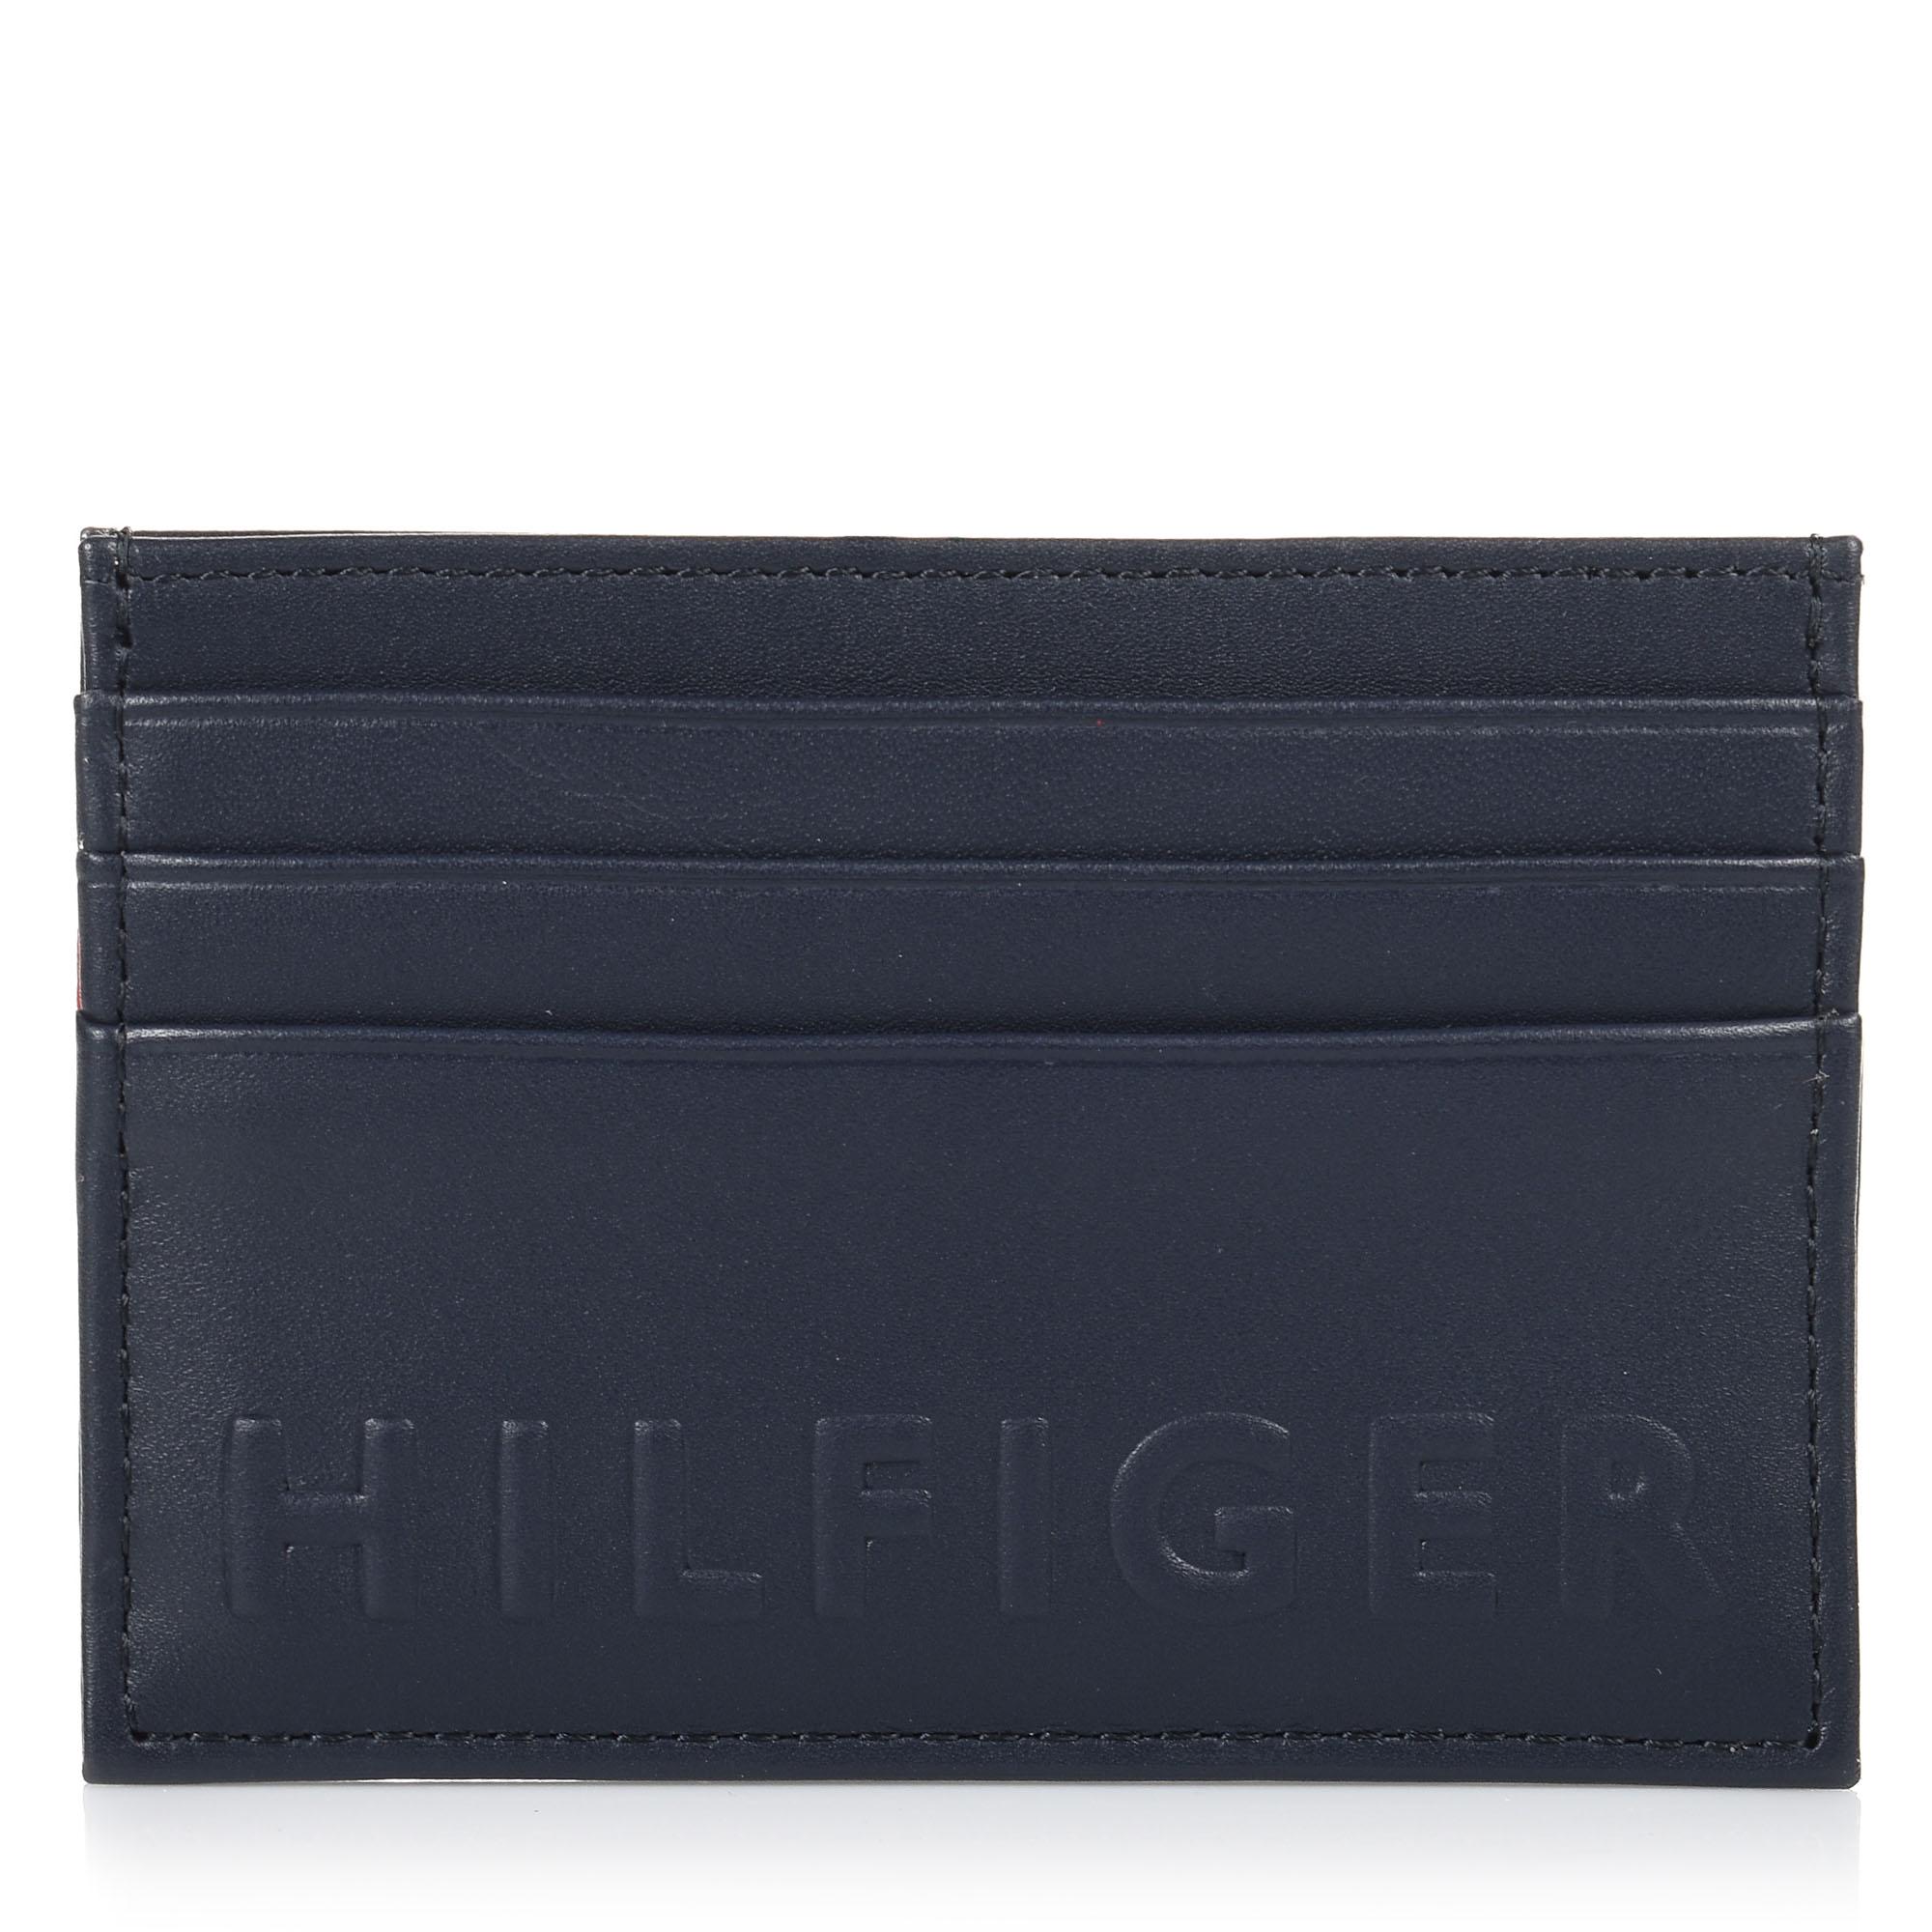 Δερμάτινη Καρτοθήκη Tommy Hilfiger Hilfiger Pop CC Holder AM0AM04350 ανδρας   καρτοθήκη